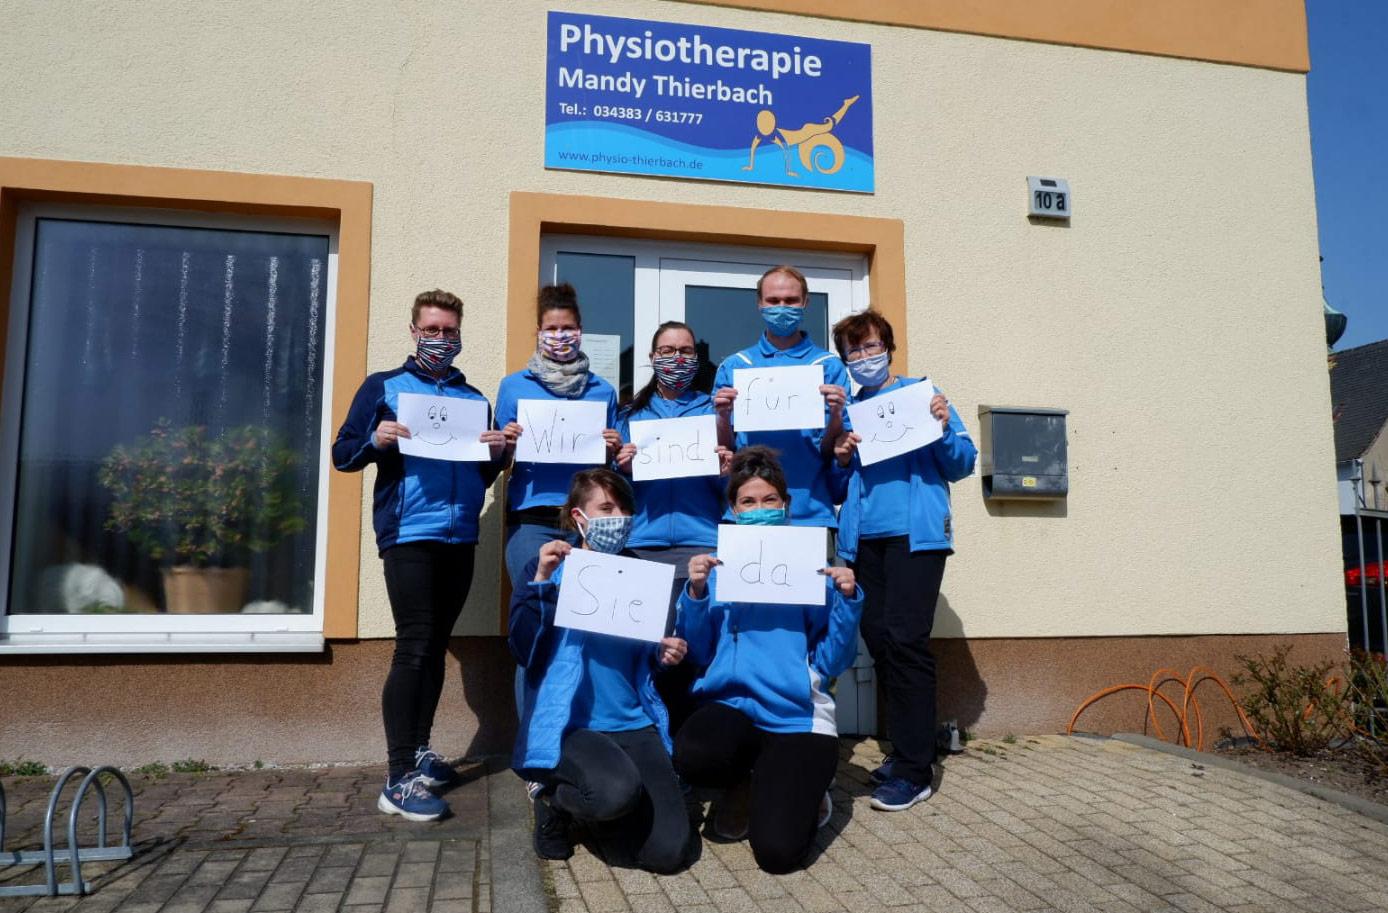 Physiotherapie Mandy Thierbach Leipzig und Trebsen